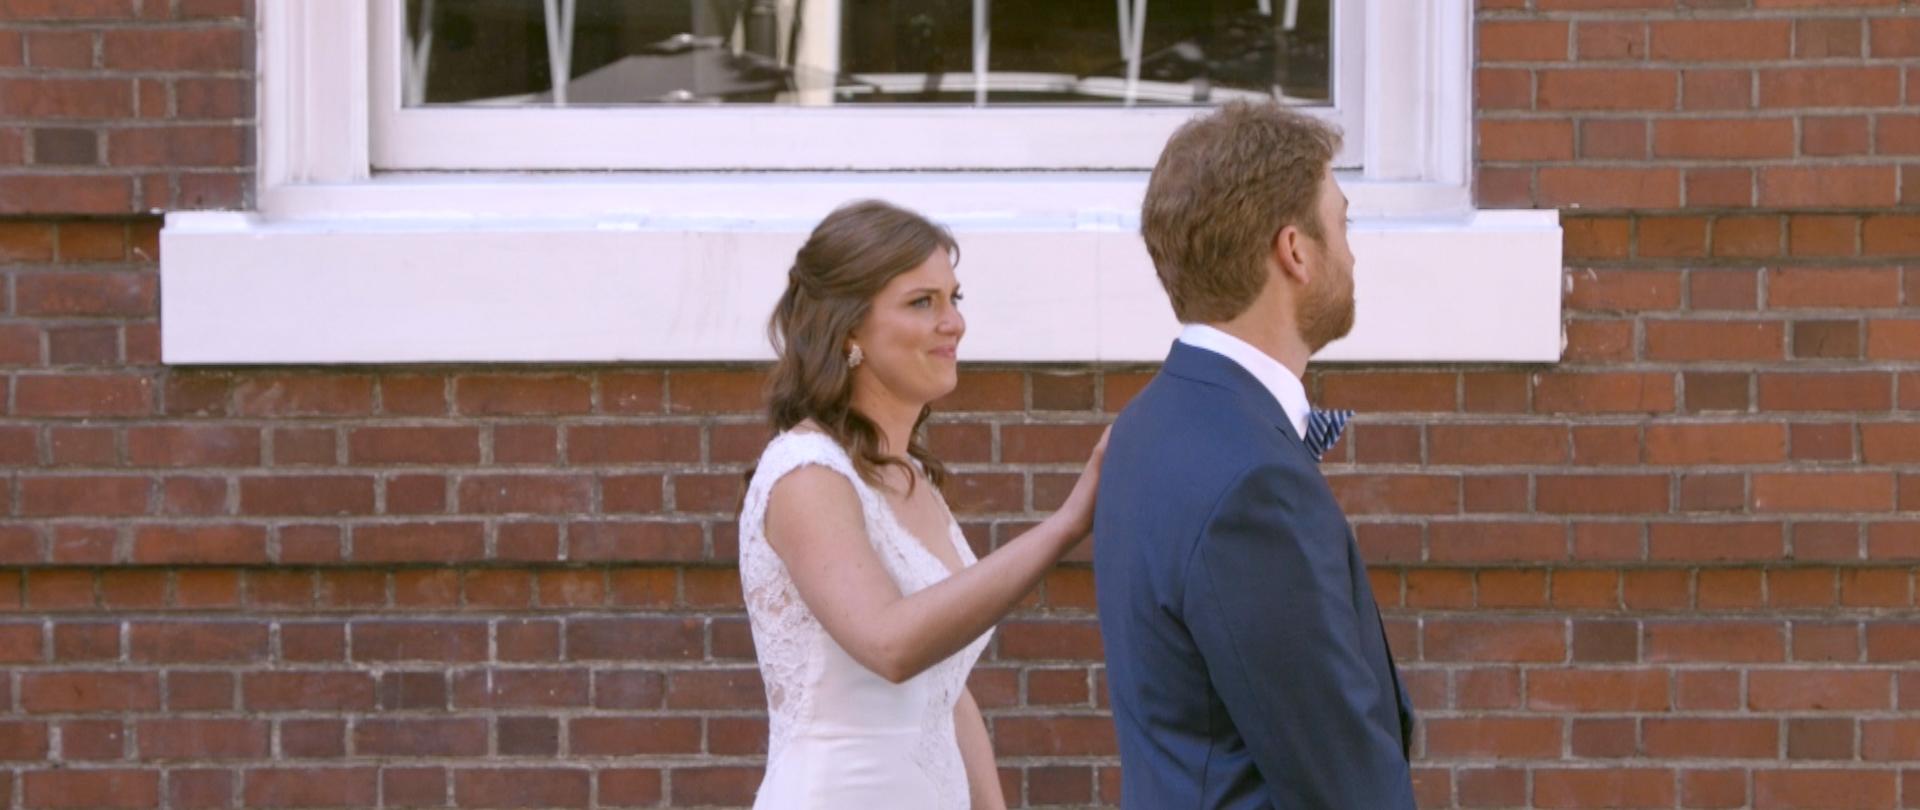 Lisa and Taylor-Oregon Wedding Video -6.jpg